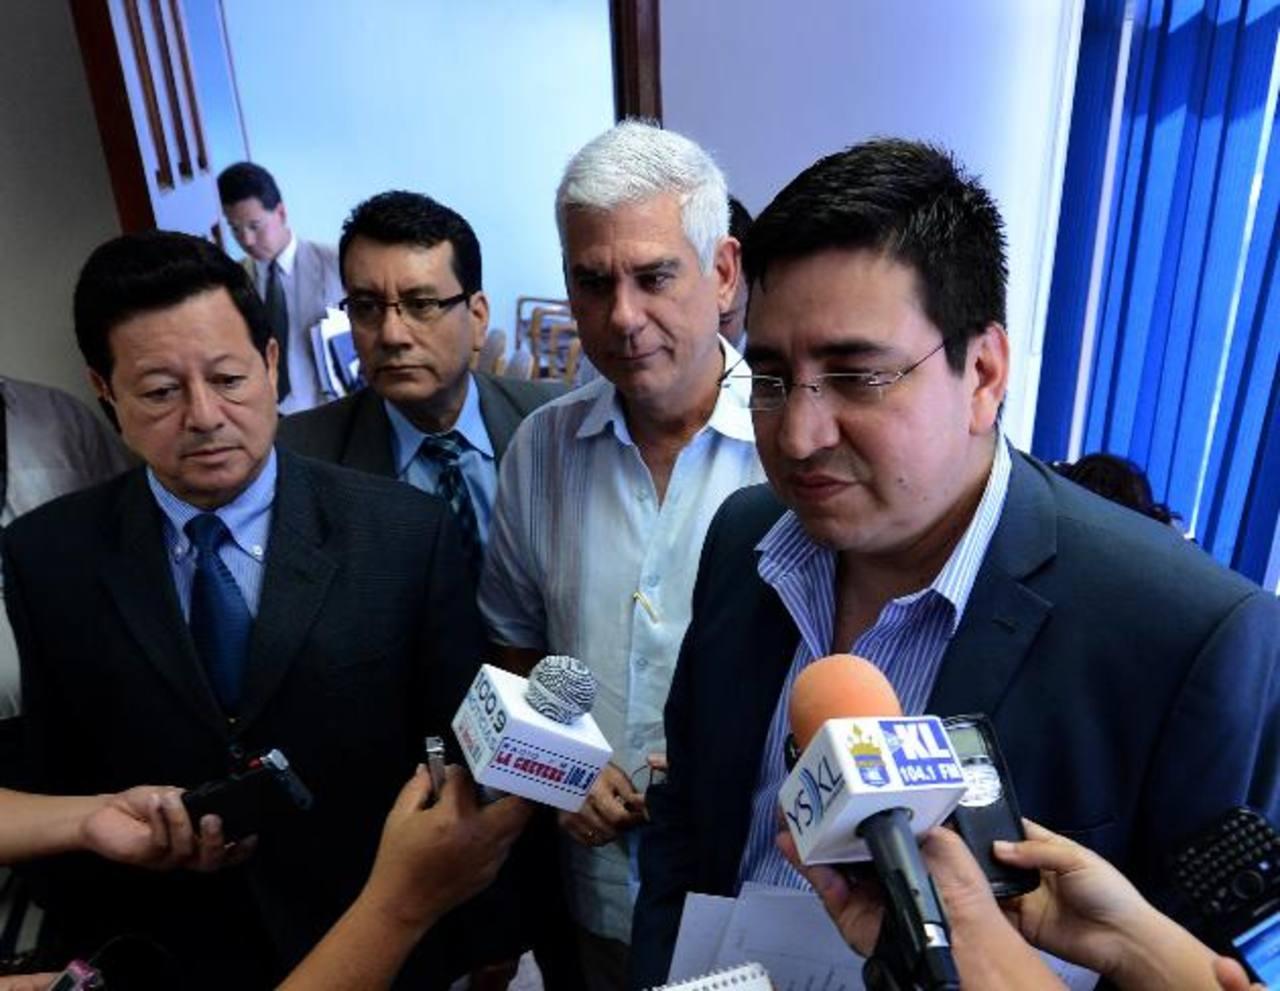 Los diputados Antonio Almendáriz, Arnoldo Marín, Rodolfo Parker y Douglas Avilés al salir de la sesión de la subcomisión que estudia las propuestas para titular de PGR. foto edh / mario amaya